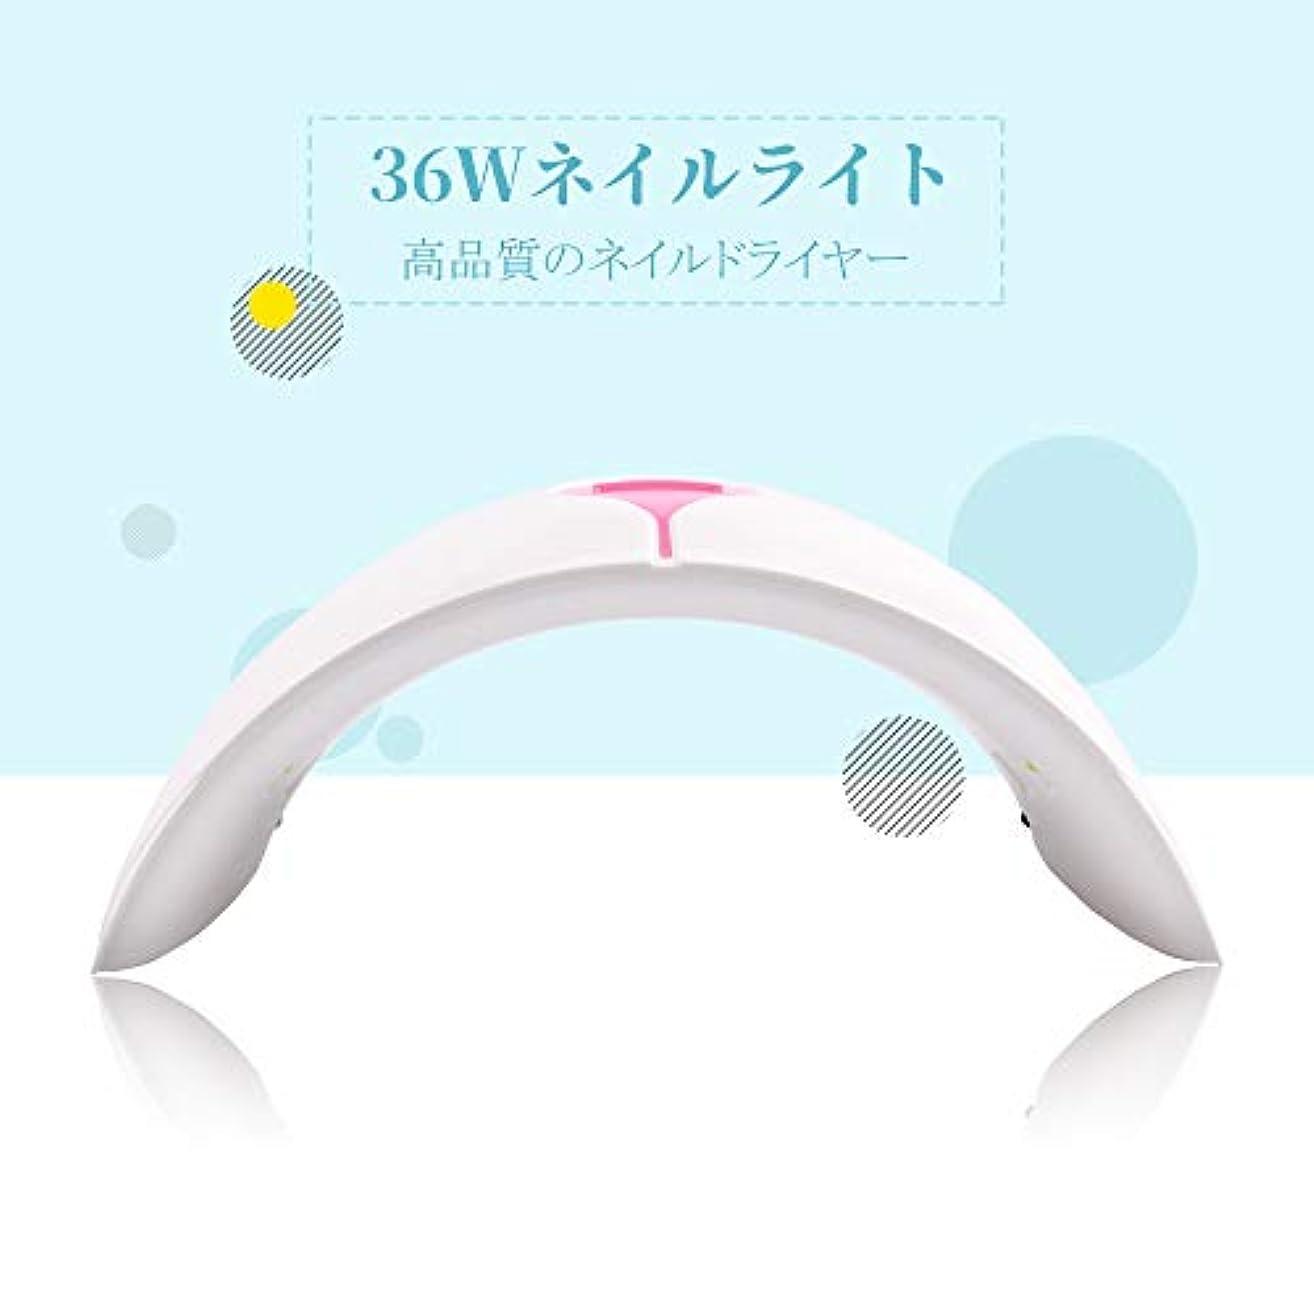 みなさん途方もない子猫PHOENIXY 36Wネイルライト 人感センサー LED/UVライト 15pcs UVライト 硬化用ネイルランプ すべてのゲルに対応 プラグ付き ネイルドライヤー ネイルアート用品